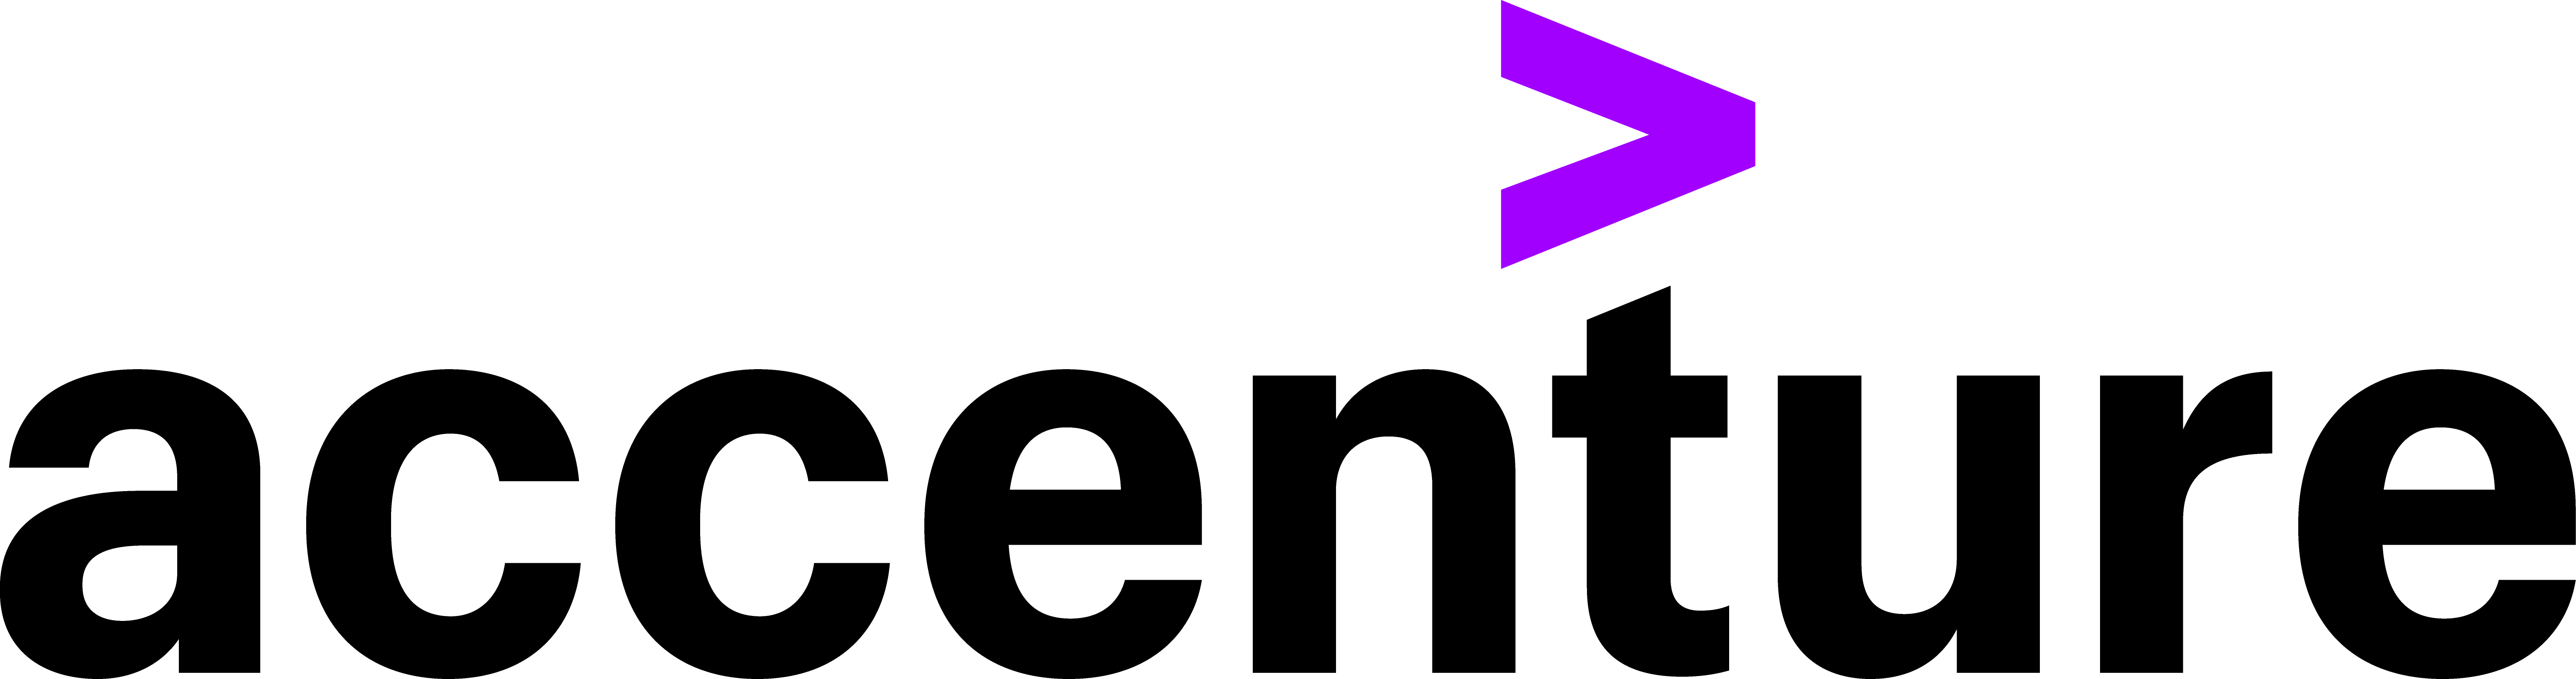 Accenture Company Logo